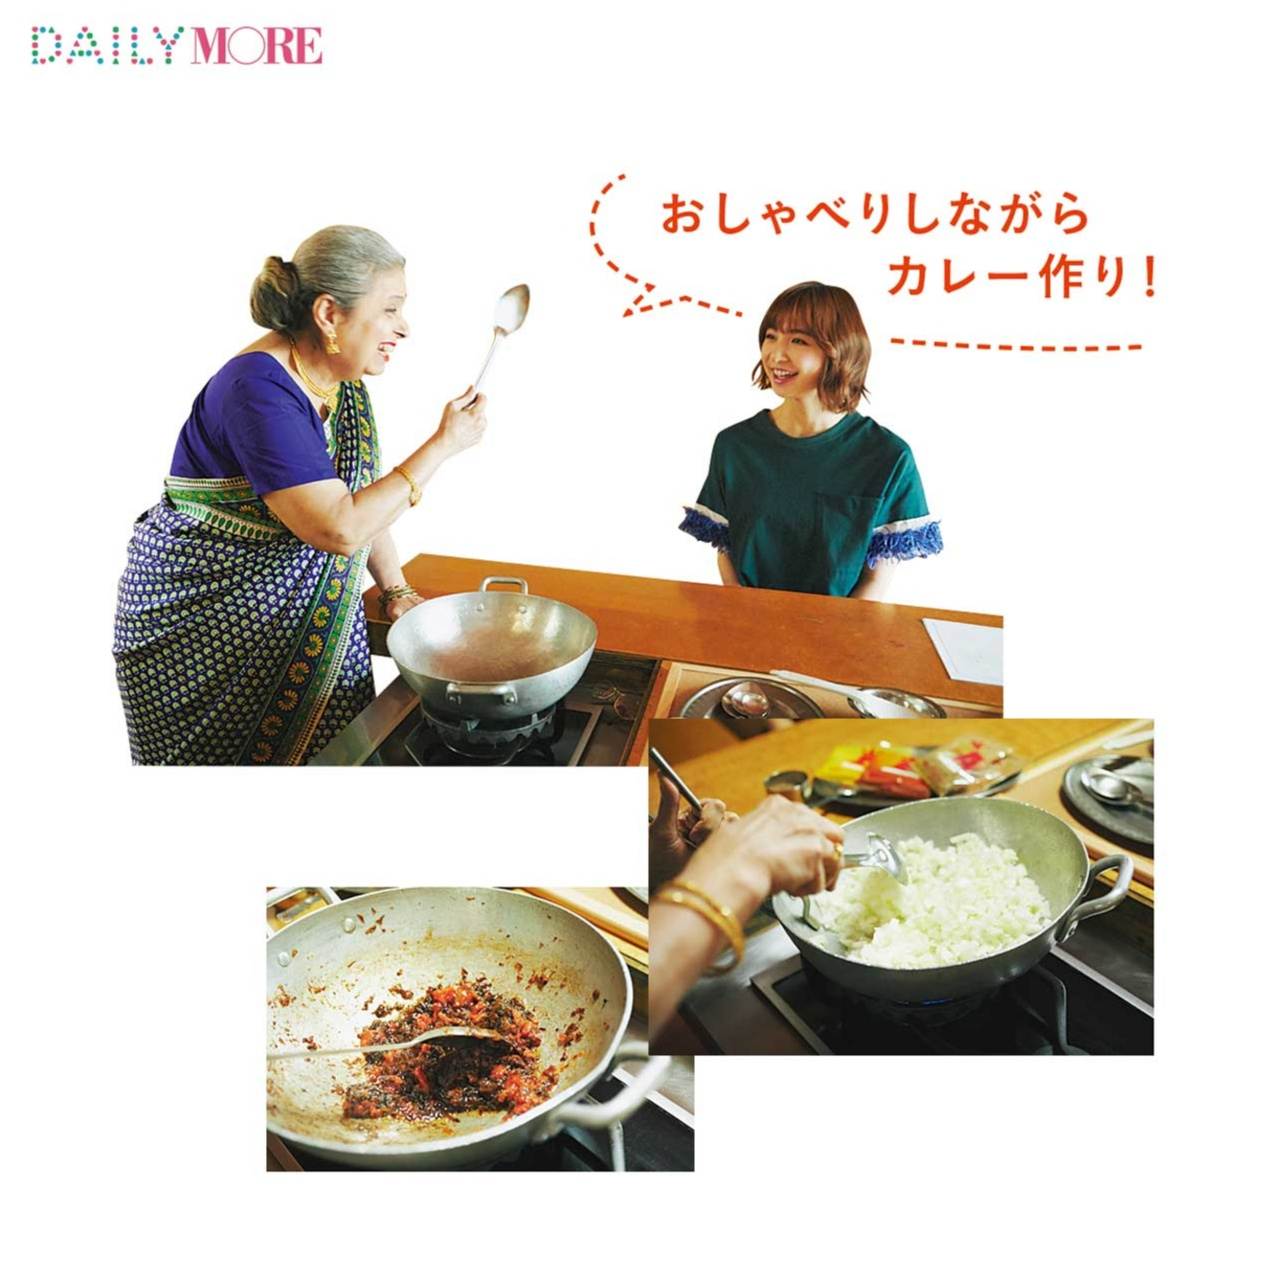 篠田麻里子が体験♡ 話題の「本格インド家庭料理」に行こう!【麻里子のナライゴトハジメ】_2_1